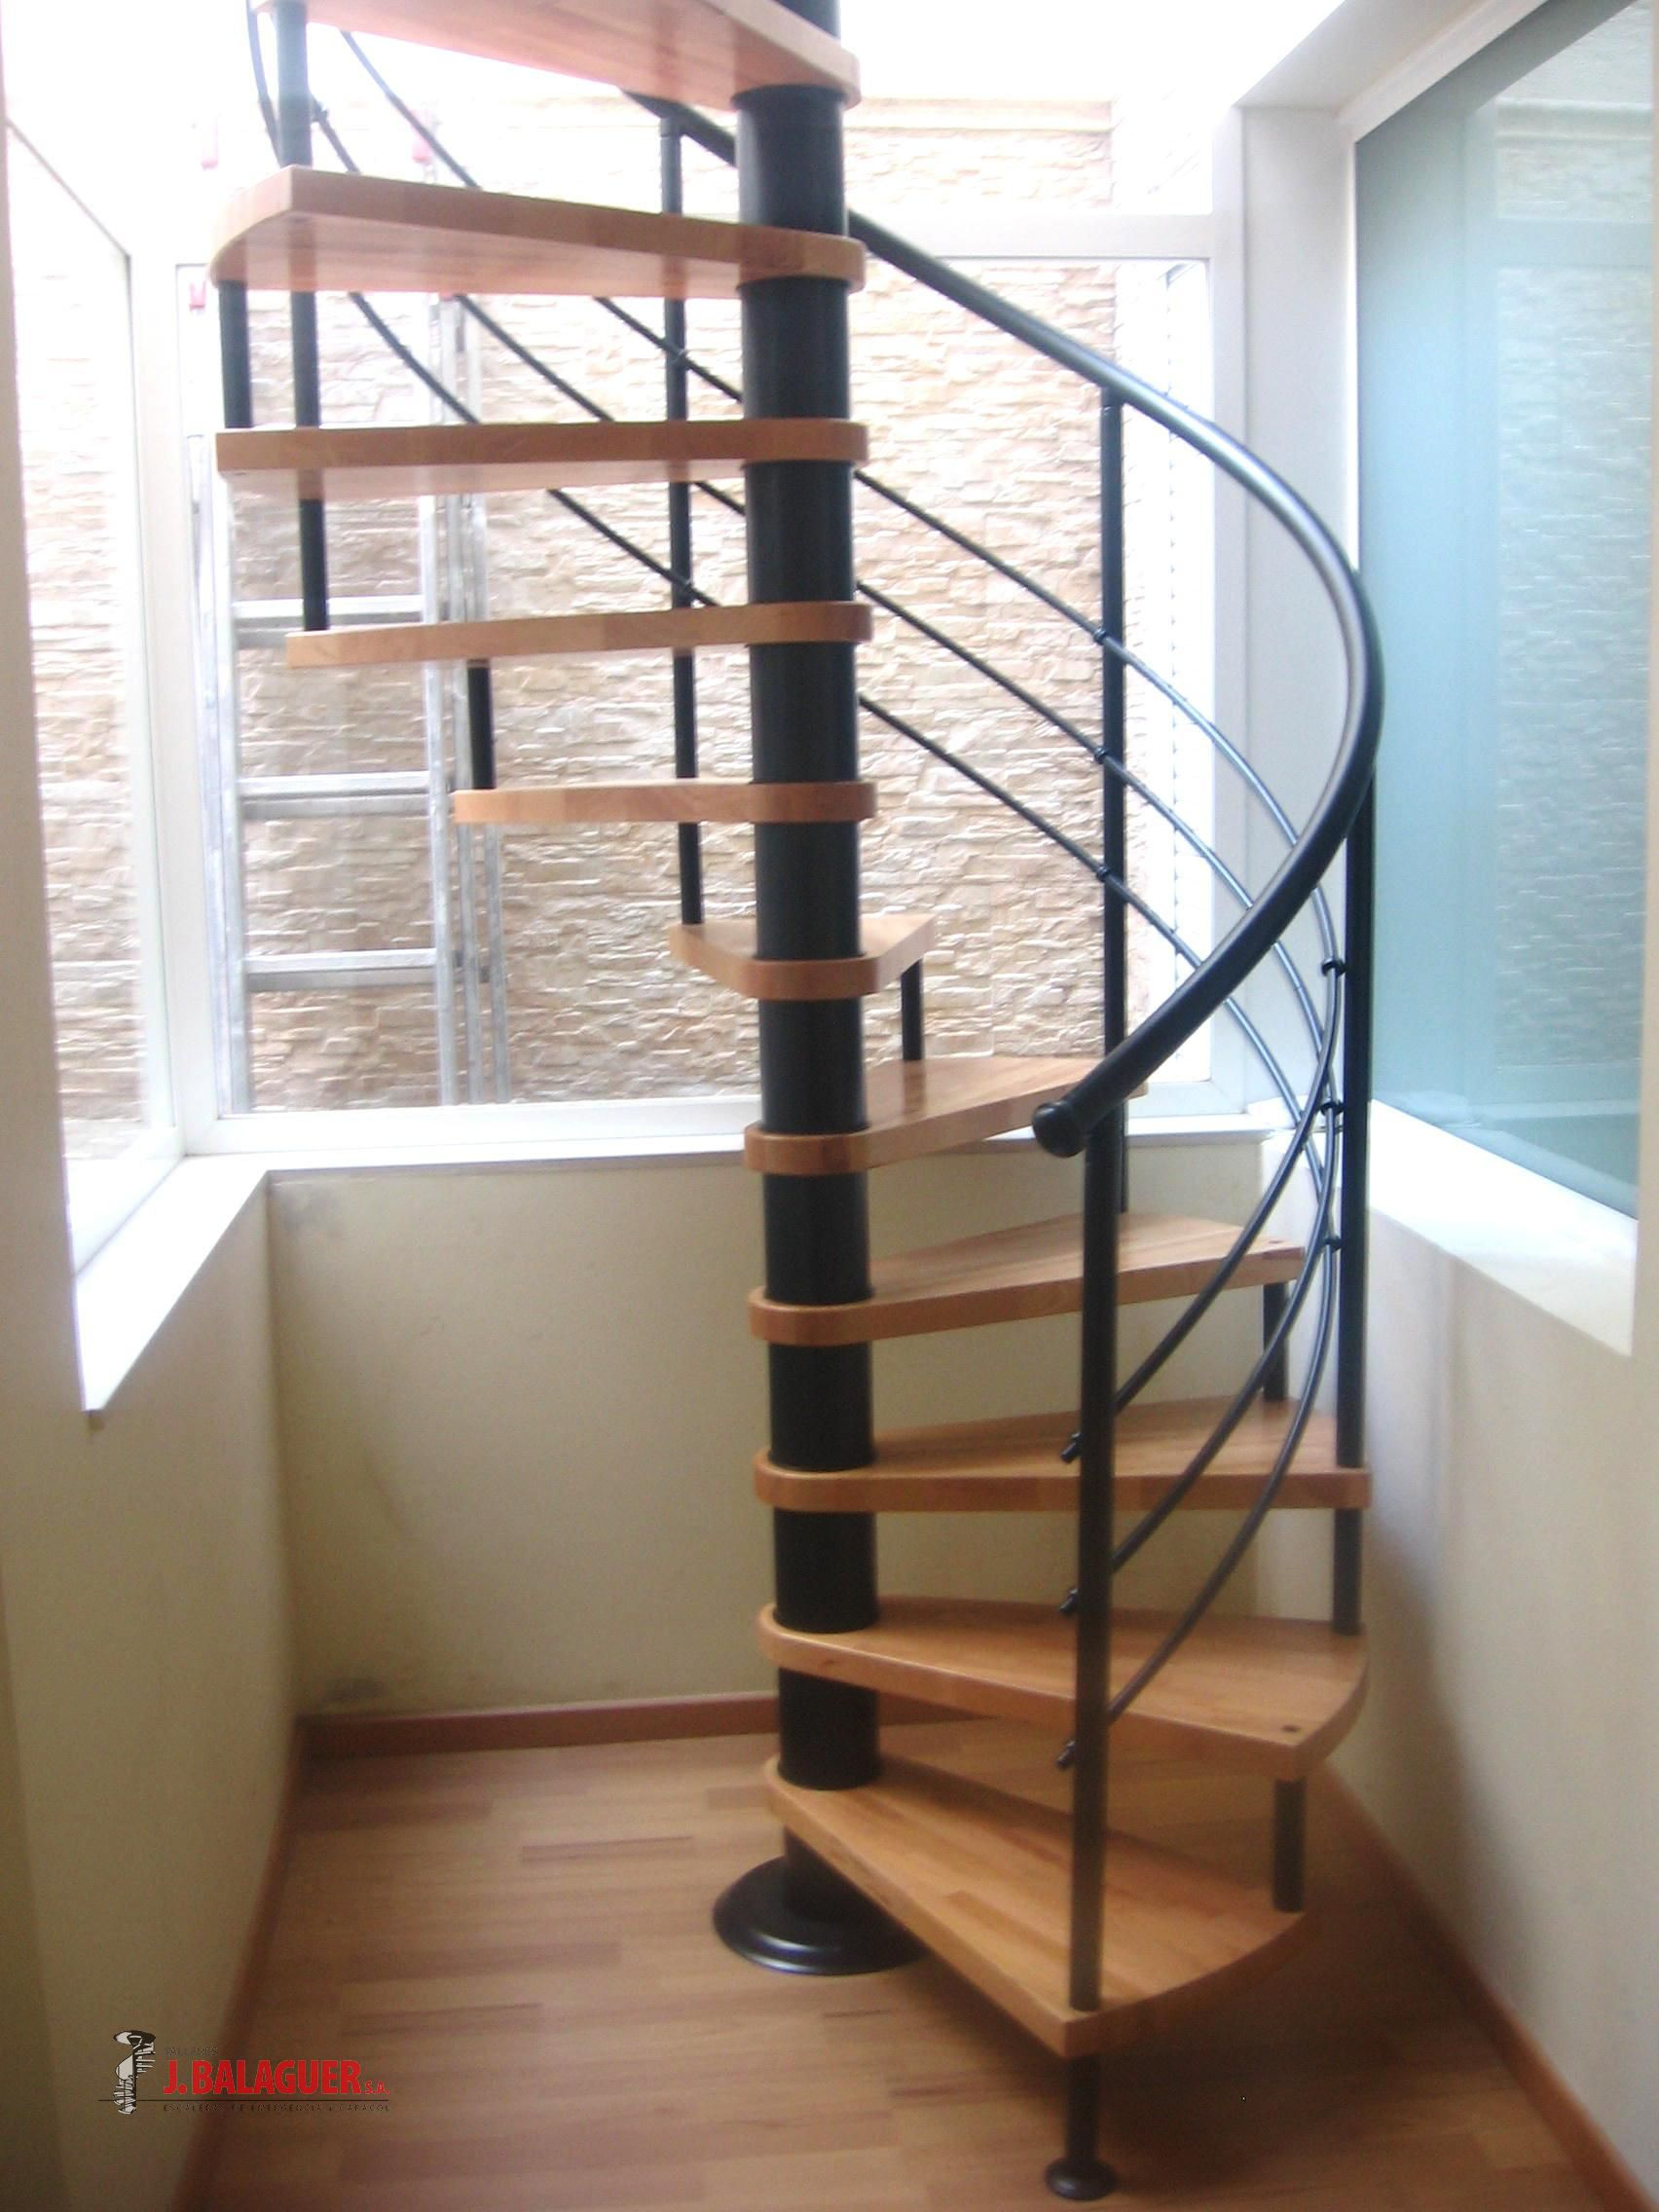 Modelo m6 escaleras balaguer Disenos de escaleras en espacios reducidos